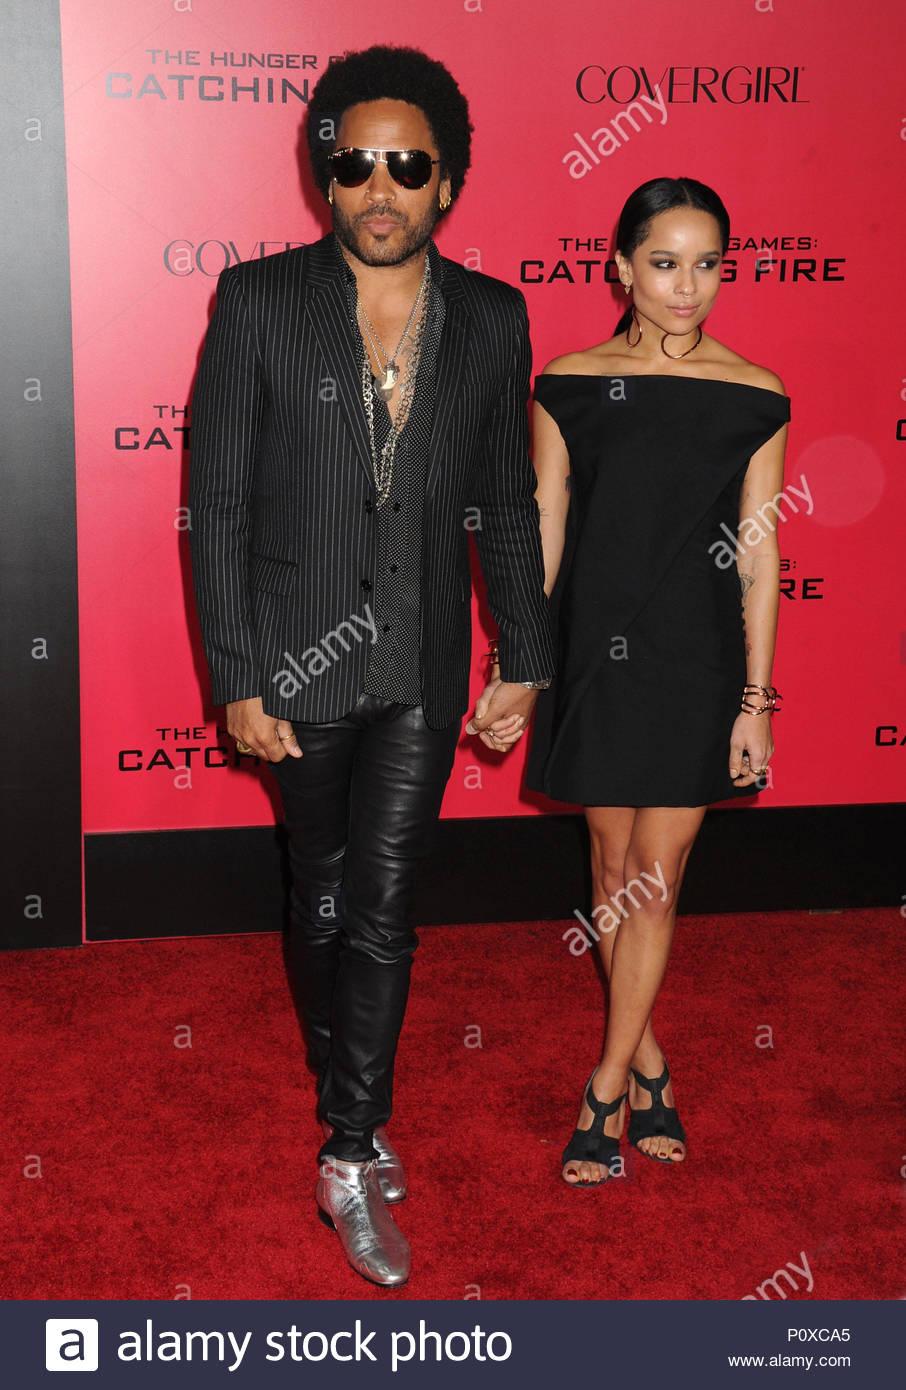 Lenny Kravitz And Zoe Kravitz Mandatory Byline To Read Infphoto